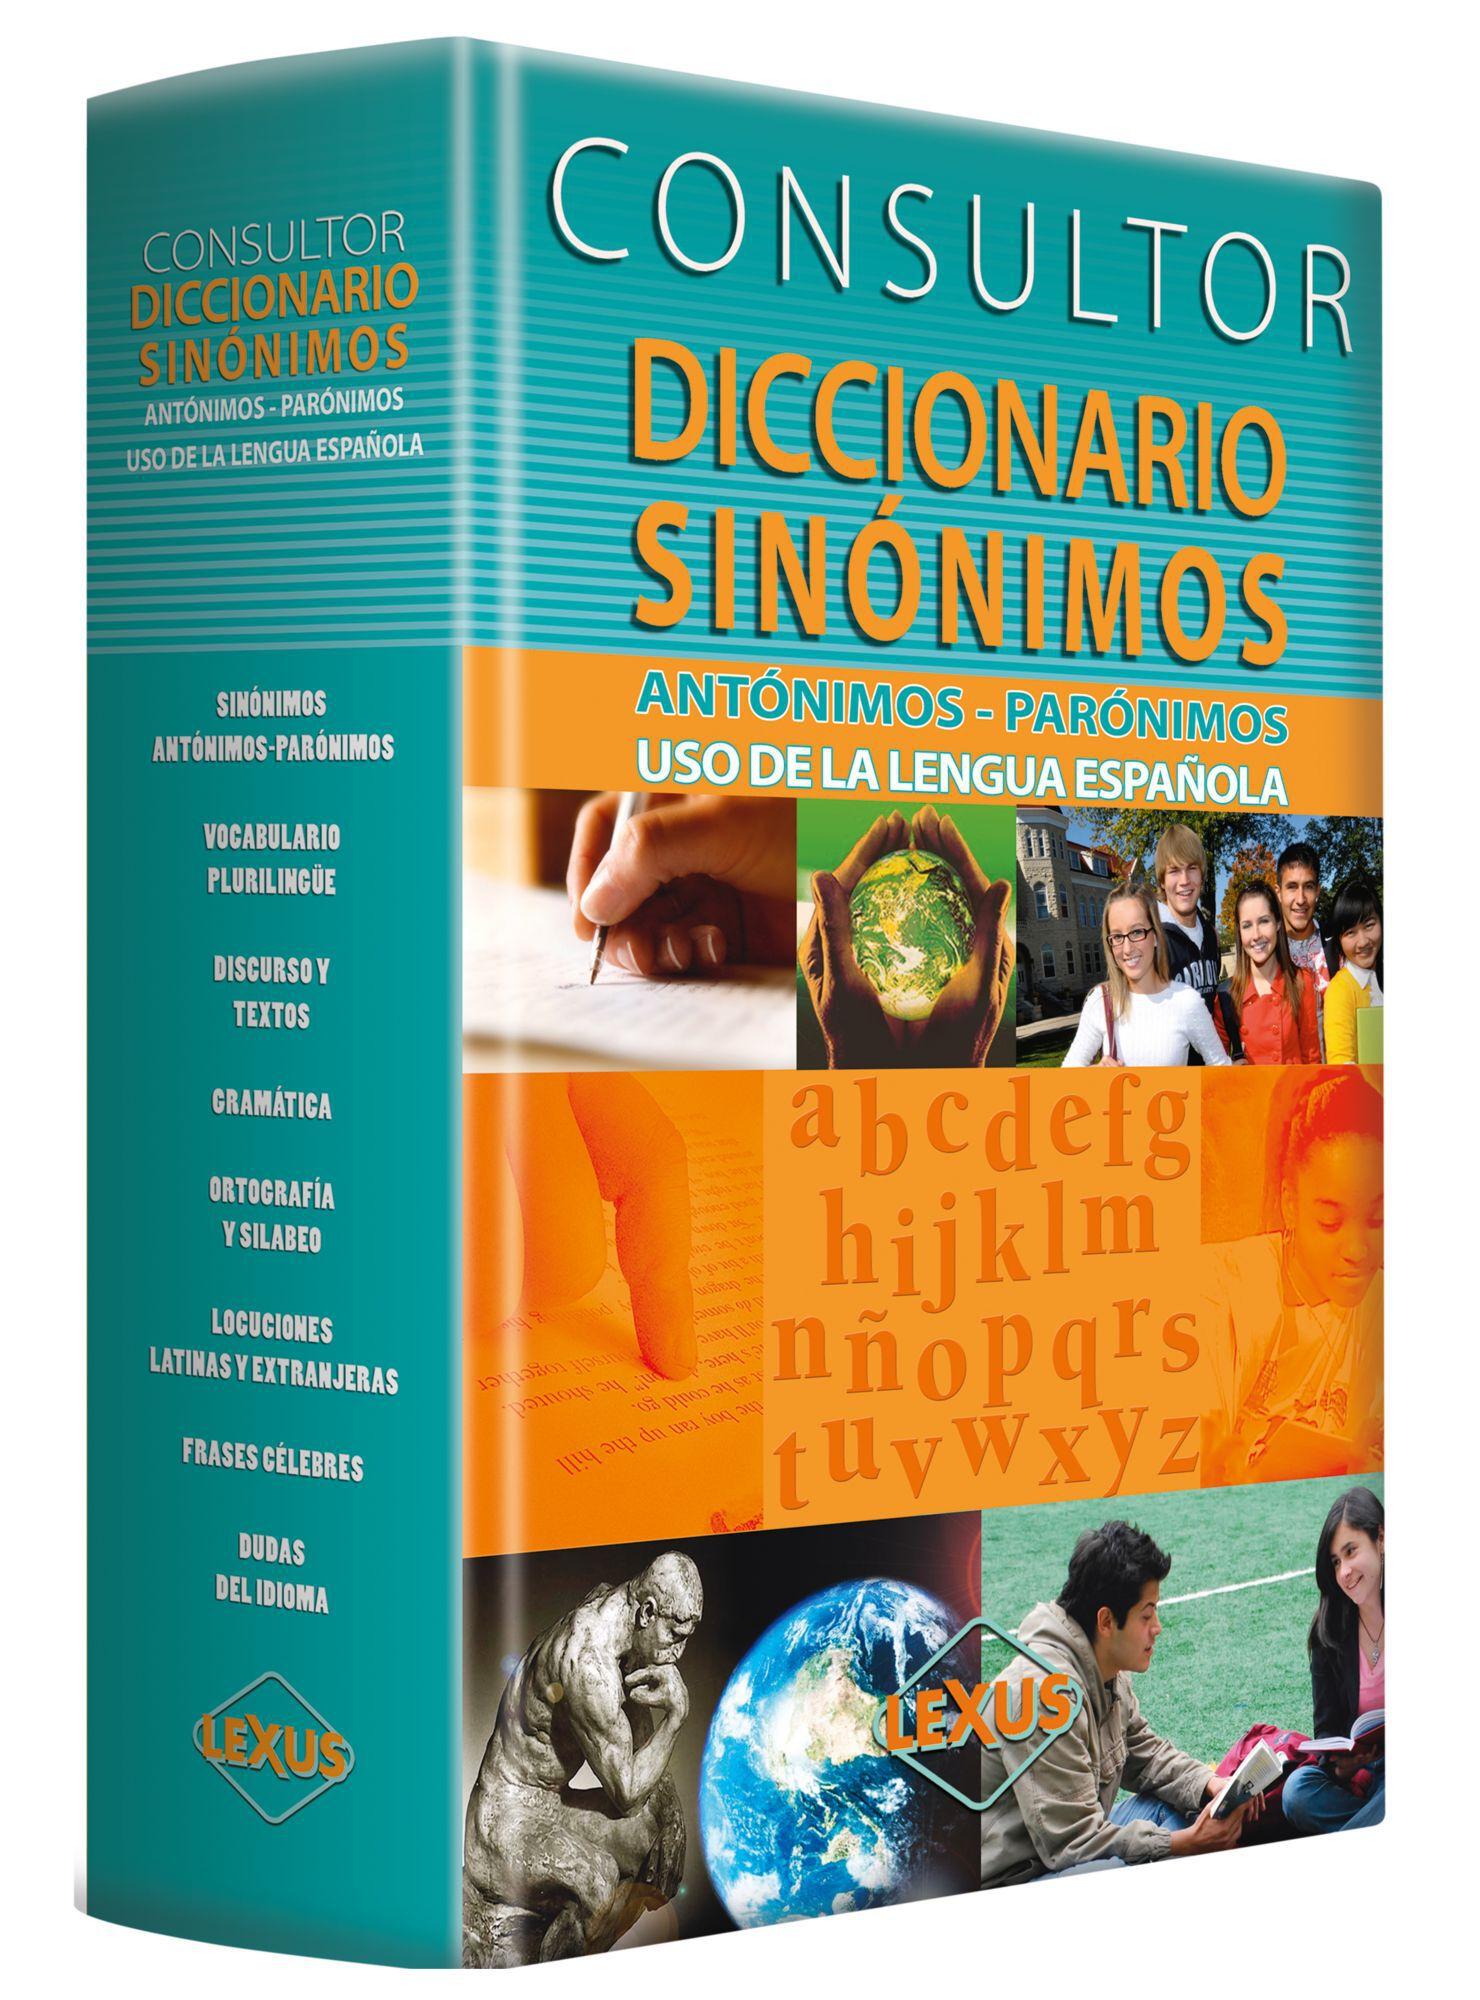 Sinónimos Consultor En Eds Libros Diccionario Especializados Lexus shdrtQxC